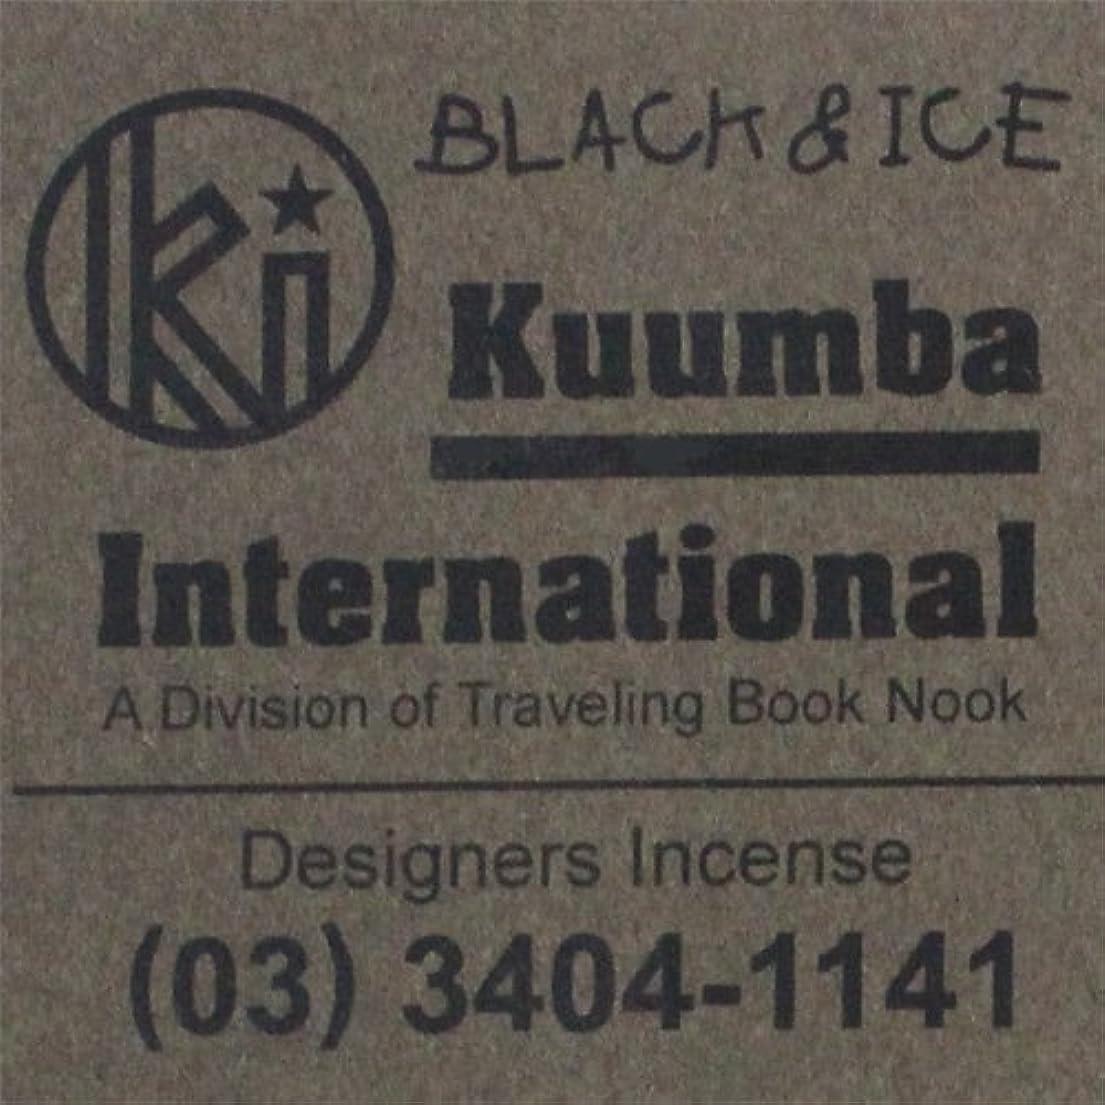 期限切れデコレーション期待するKUUMBA / クンバ『incense』(BLACK&ICE) (Regular size)